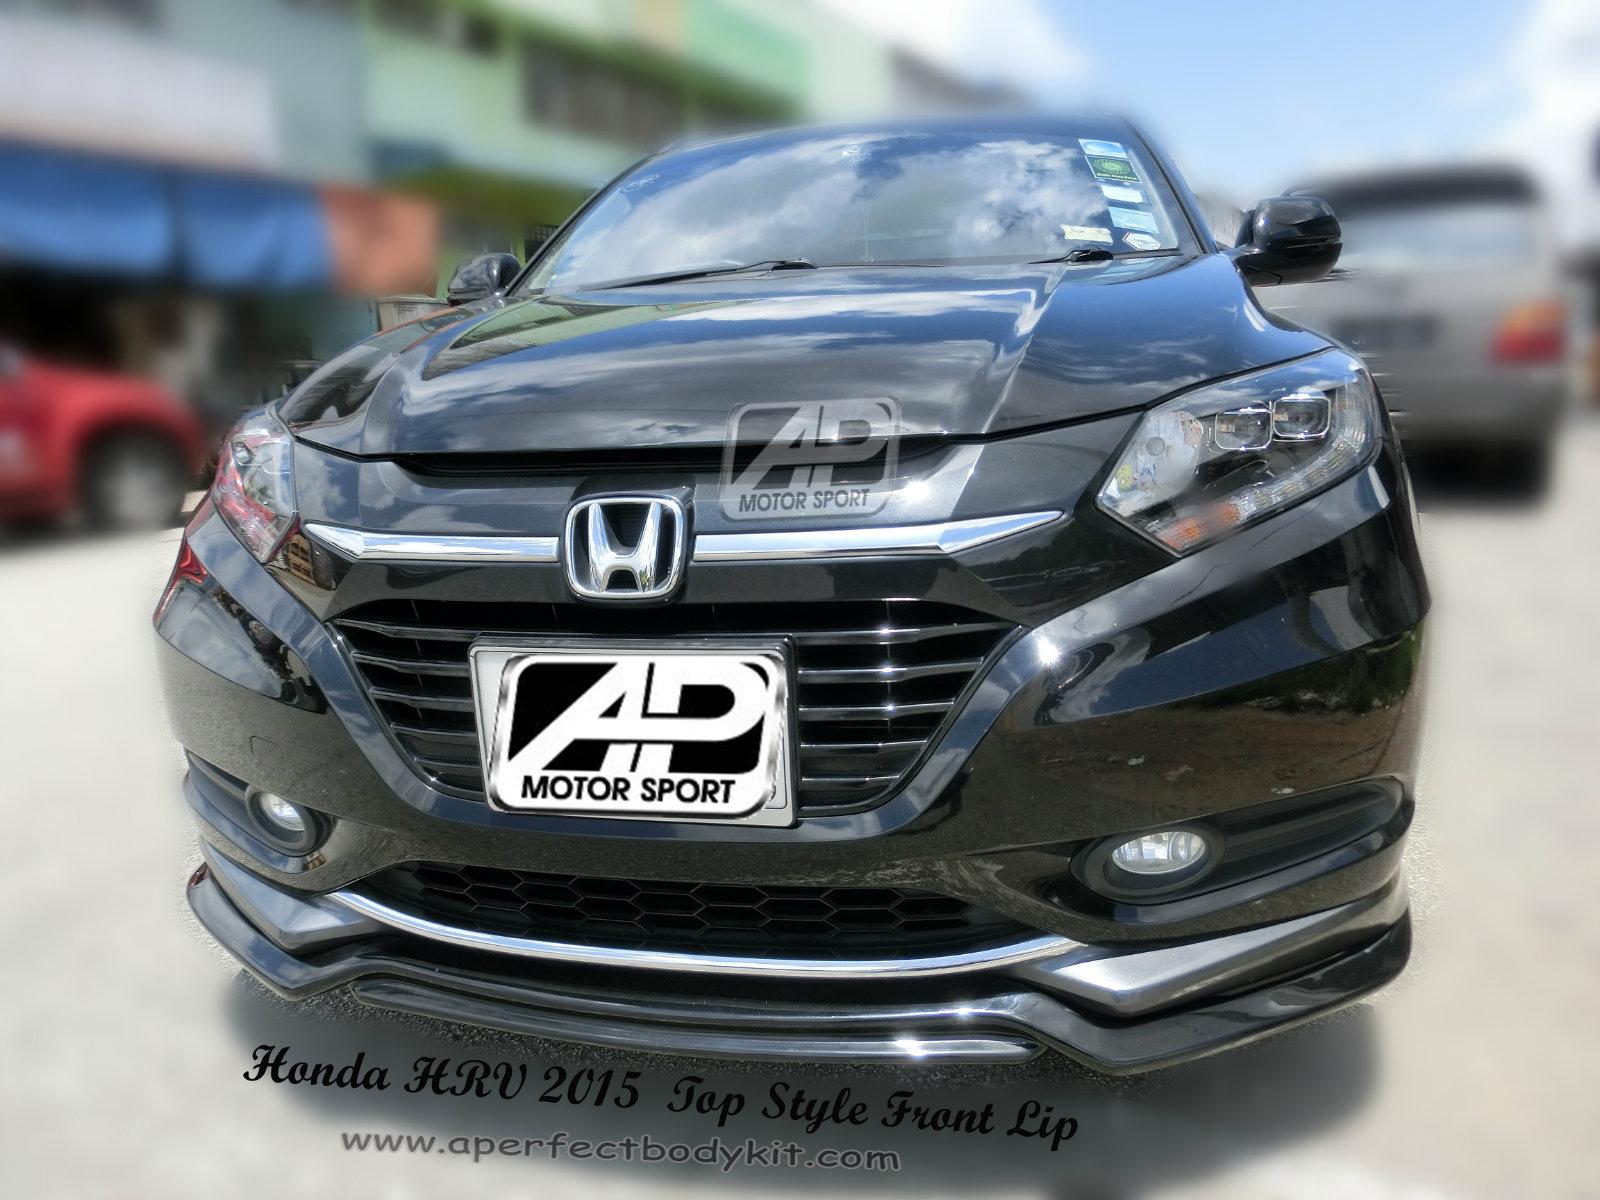 Honda HRV / VEZEL 2015 Top Style Front Lip Honda HRV ...